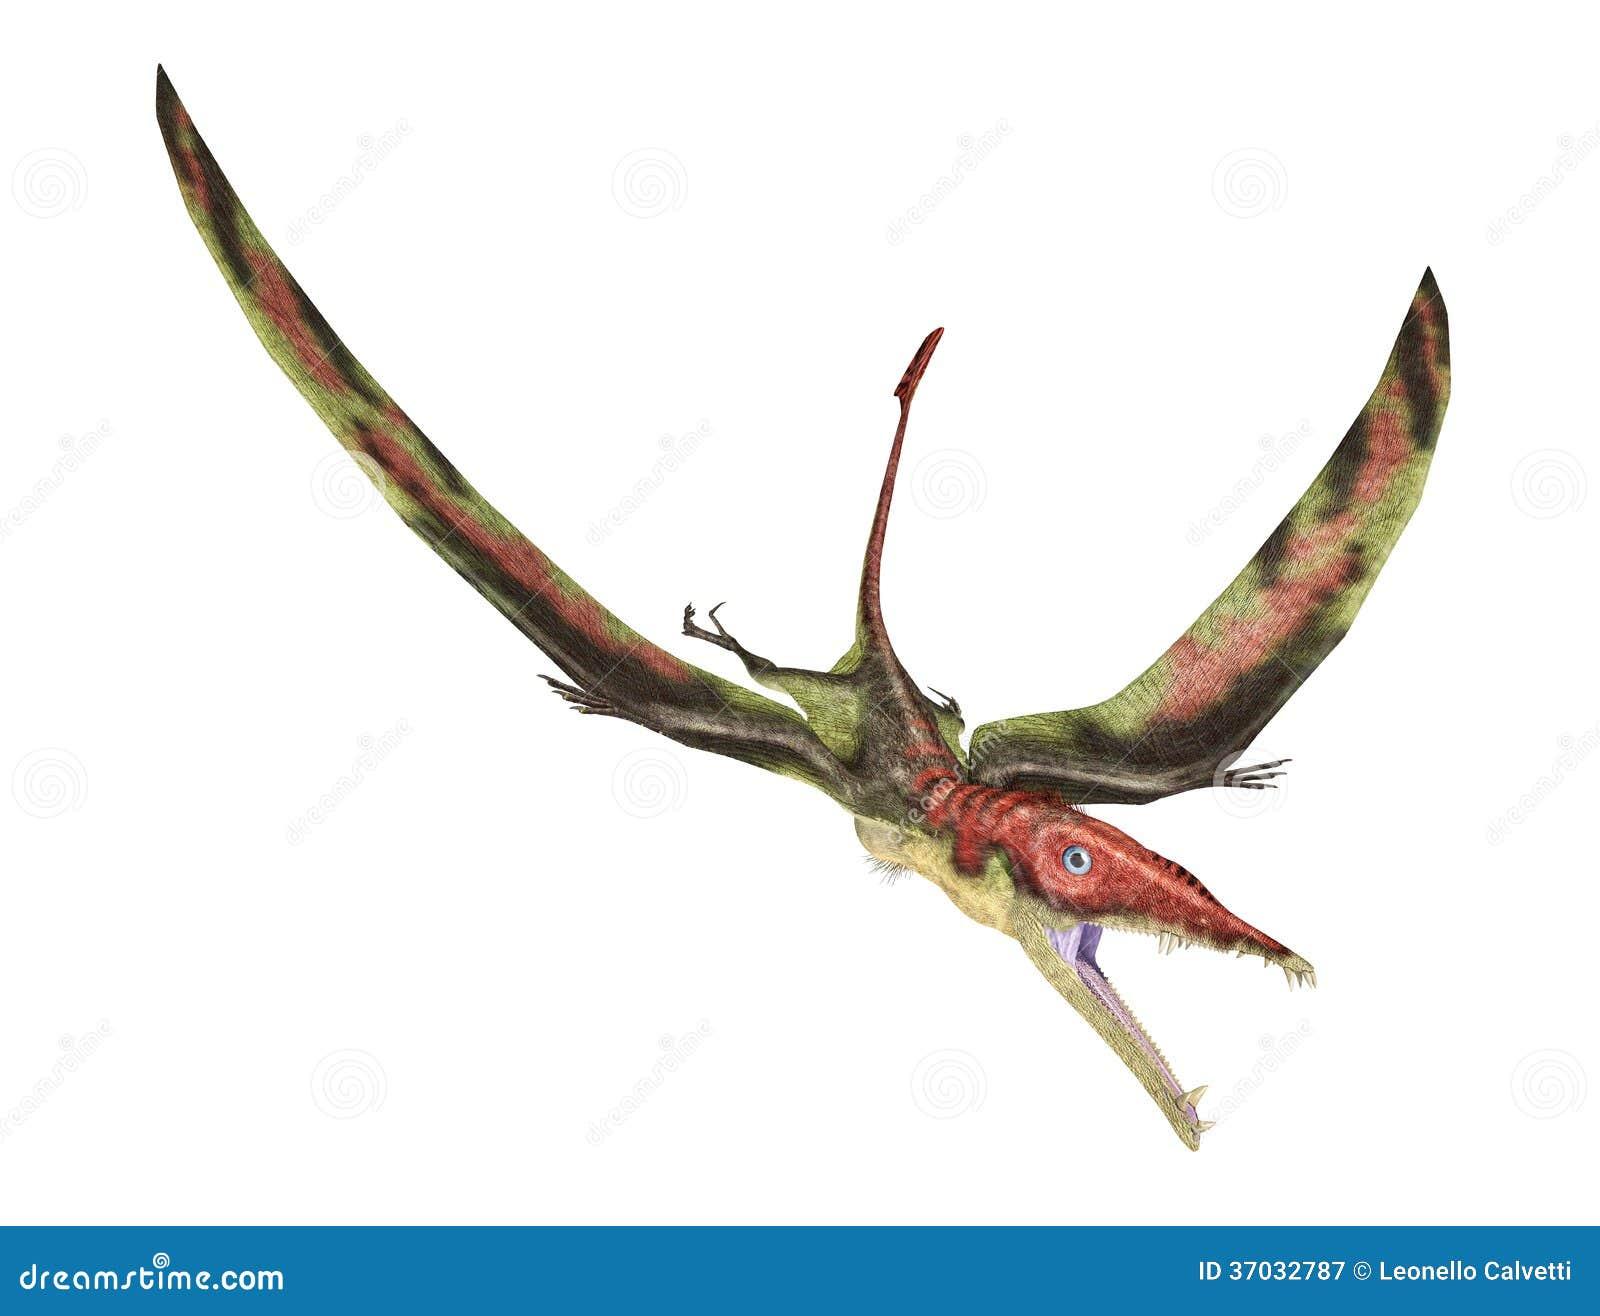 Eudimorphodon die voorhistorische reptiel, photorealistic represe vliegen